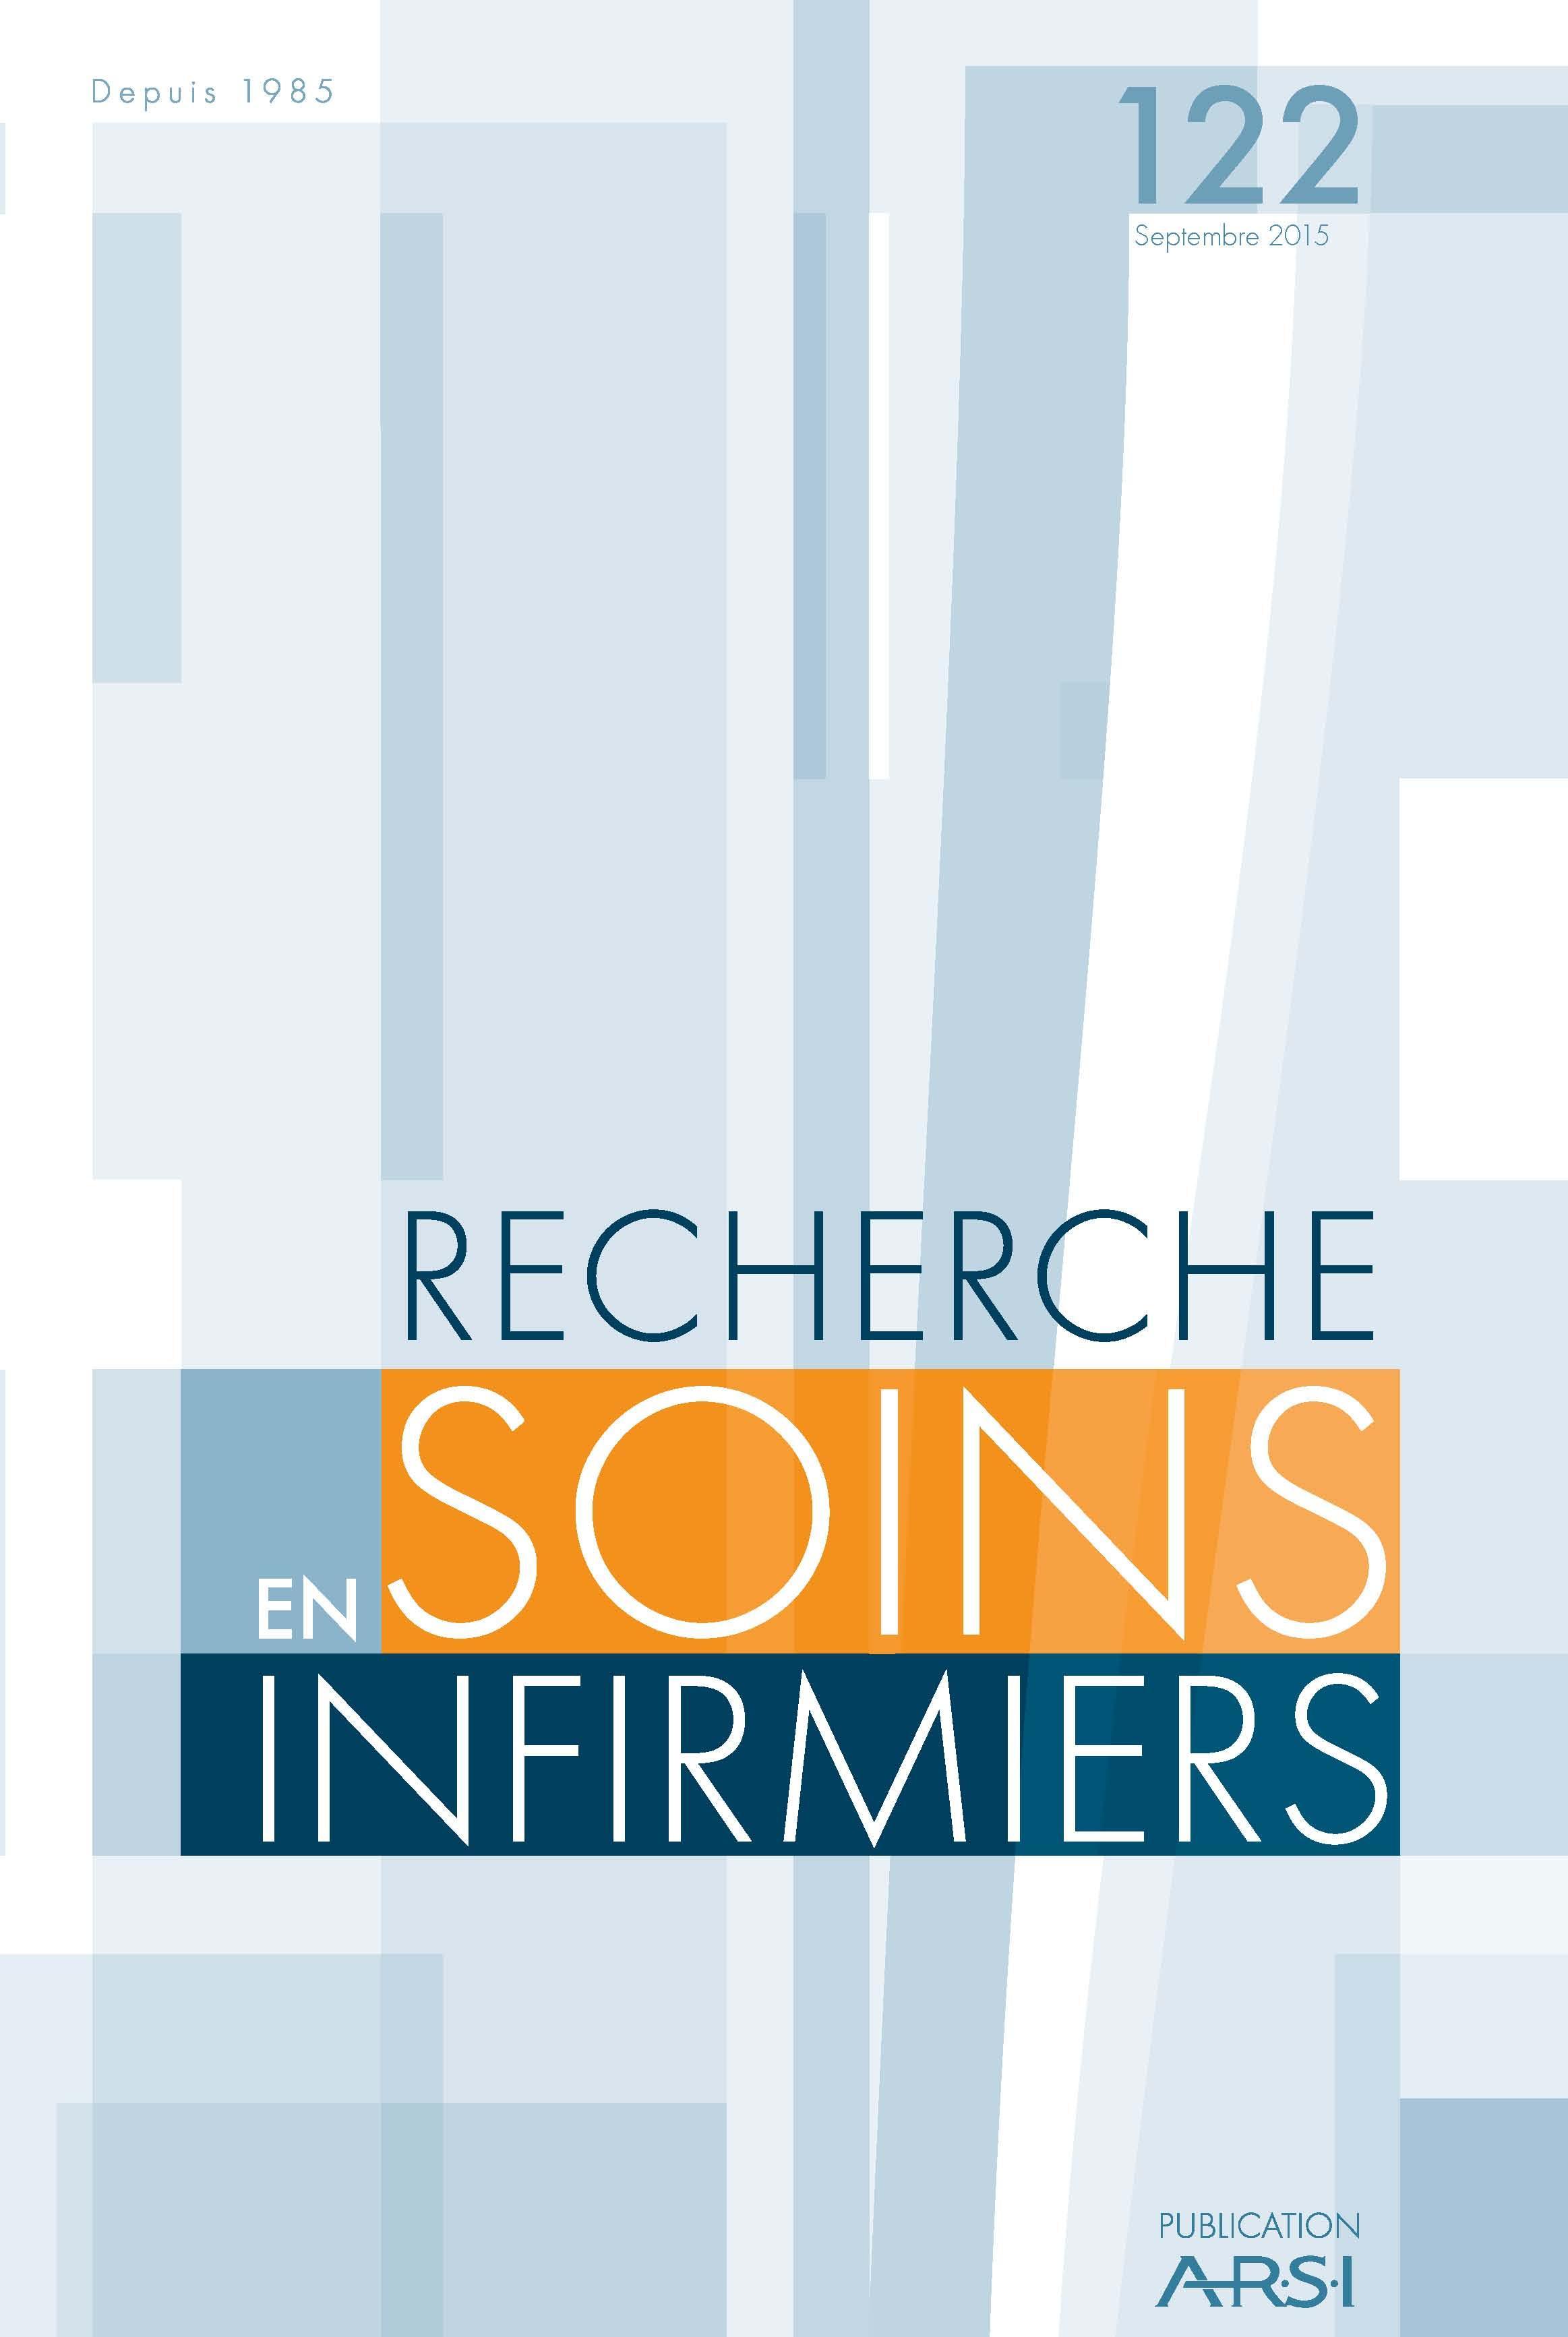 Dictionnaire Des Concepts En Soins Infirmiers Pdf : dictionnaire, concepts, soins, infirmiers, Care,, Caring,, Soignant, Cairn.info